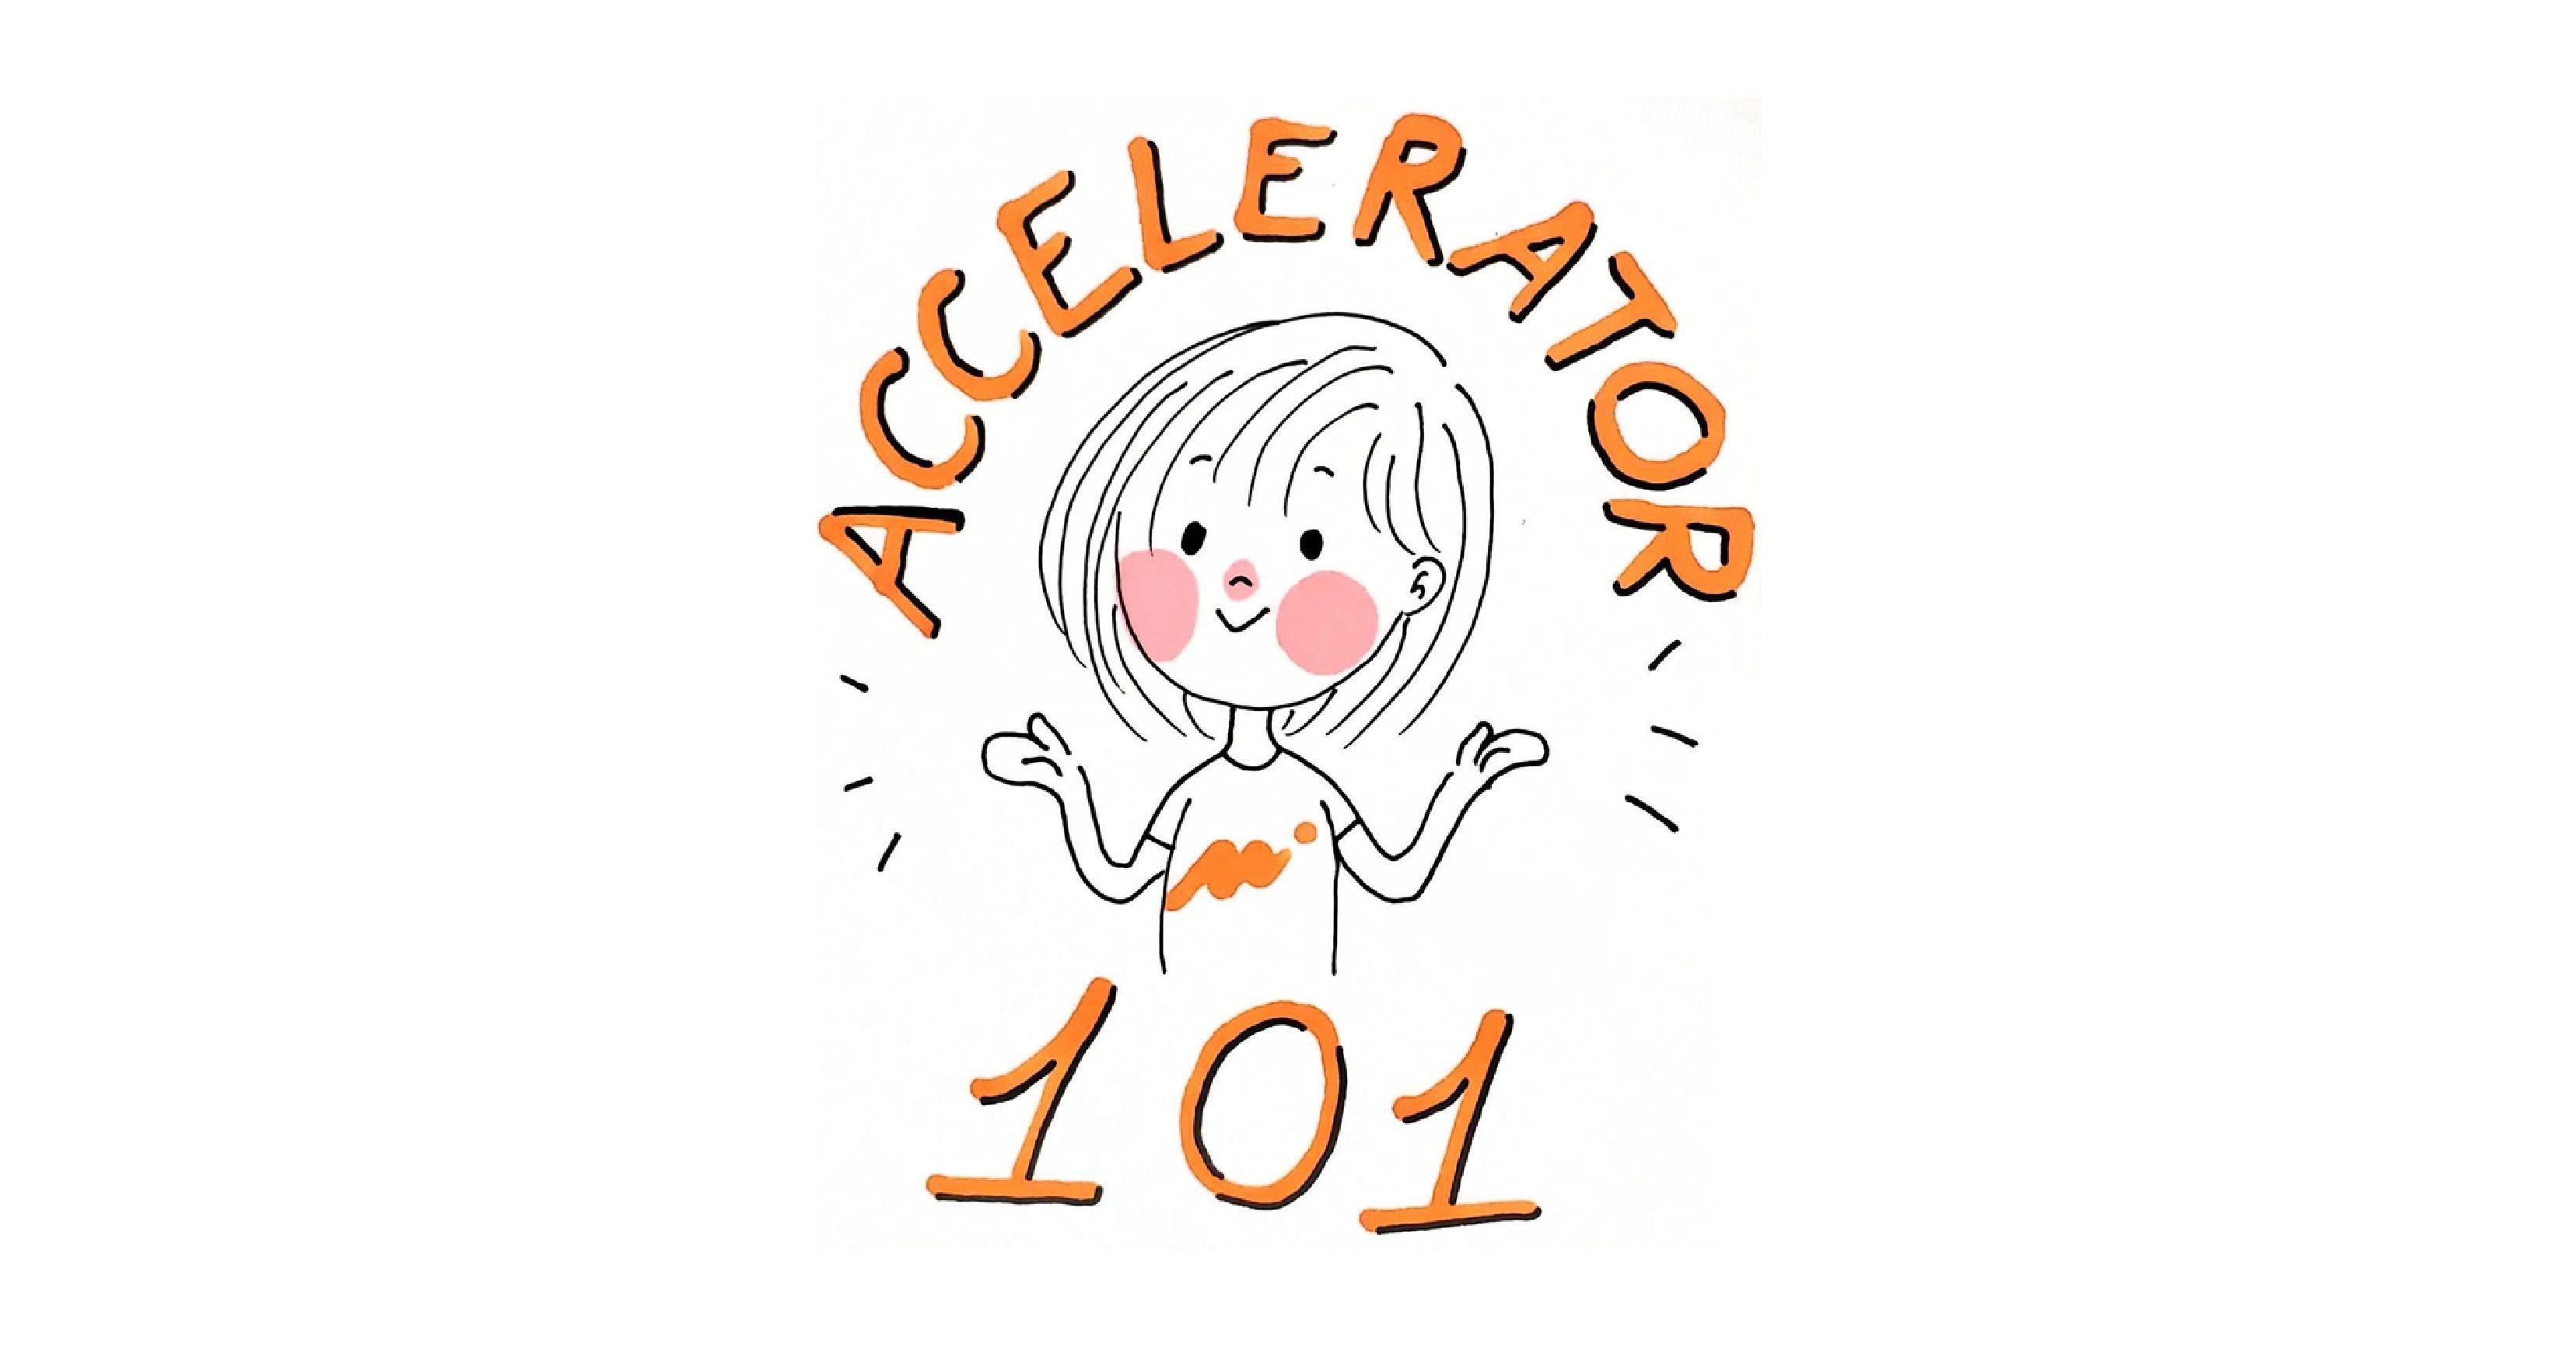 Accelerator 101